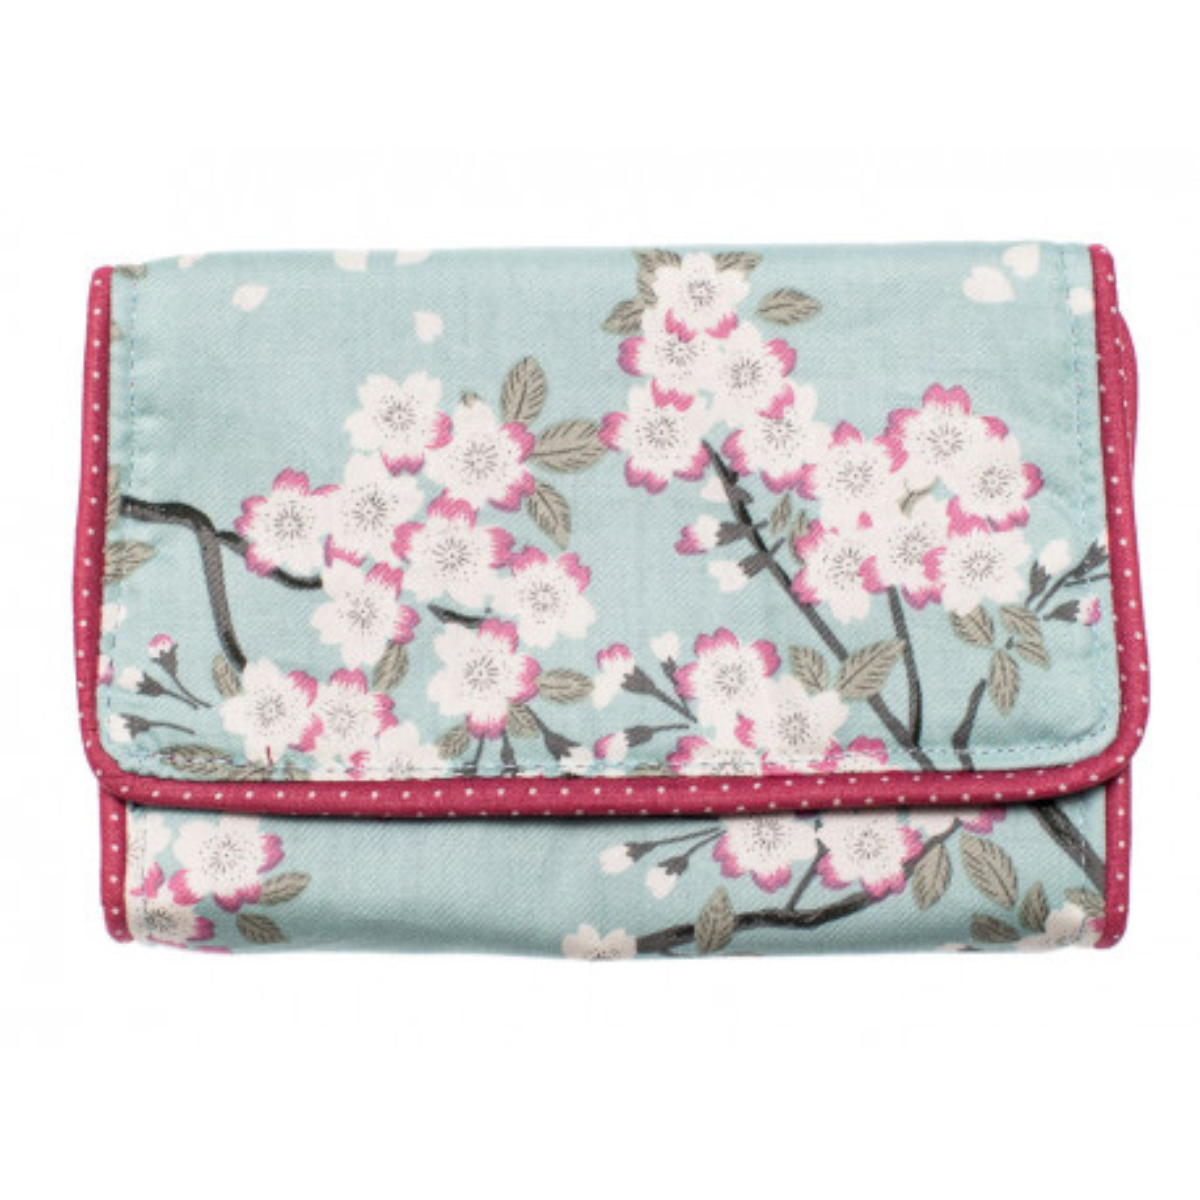 Pochette à barrettes fille bleu clair avec fleurs et rose